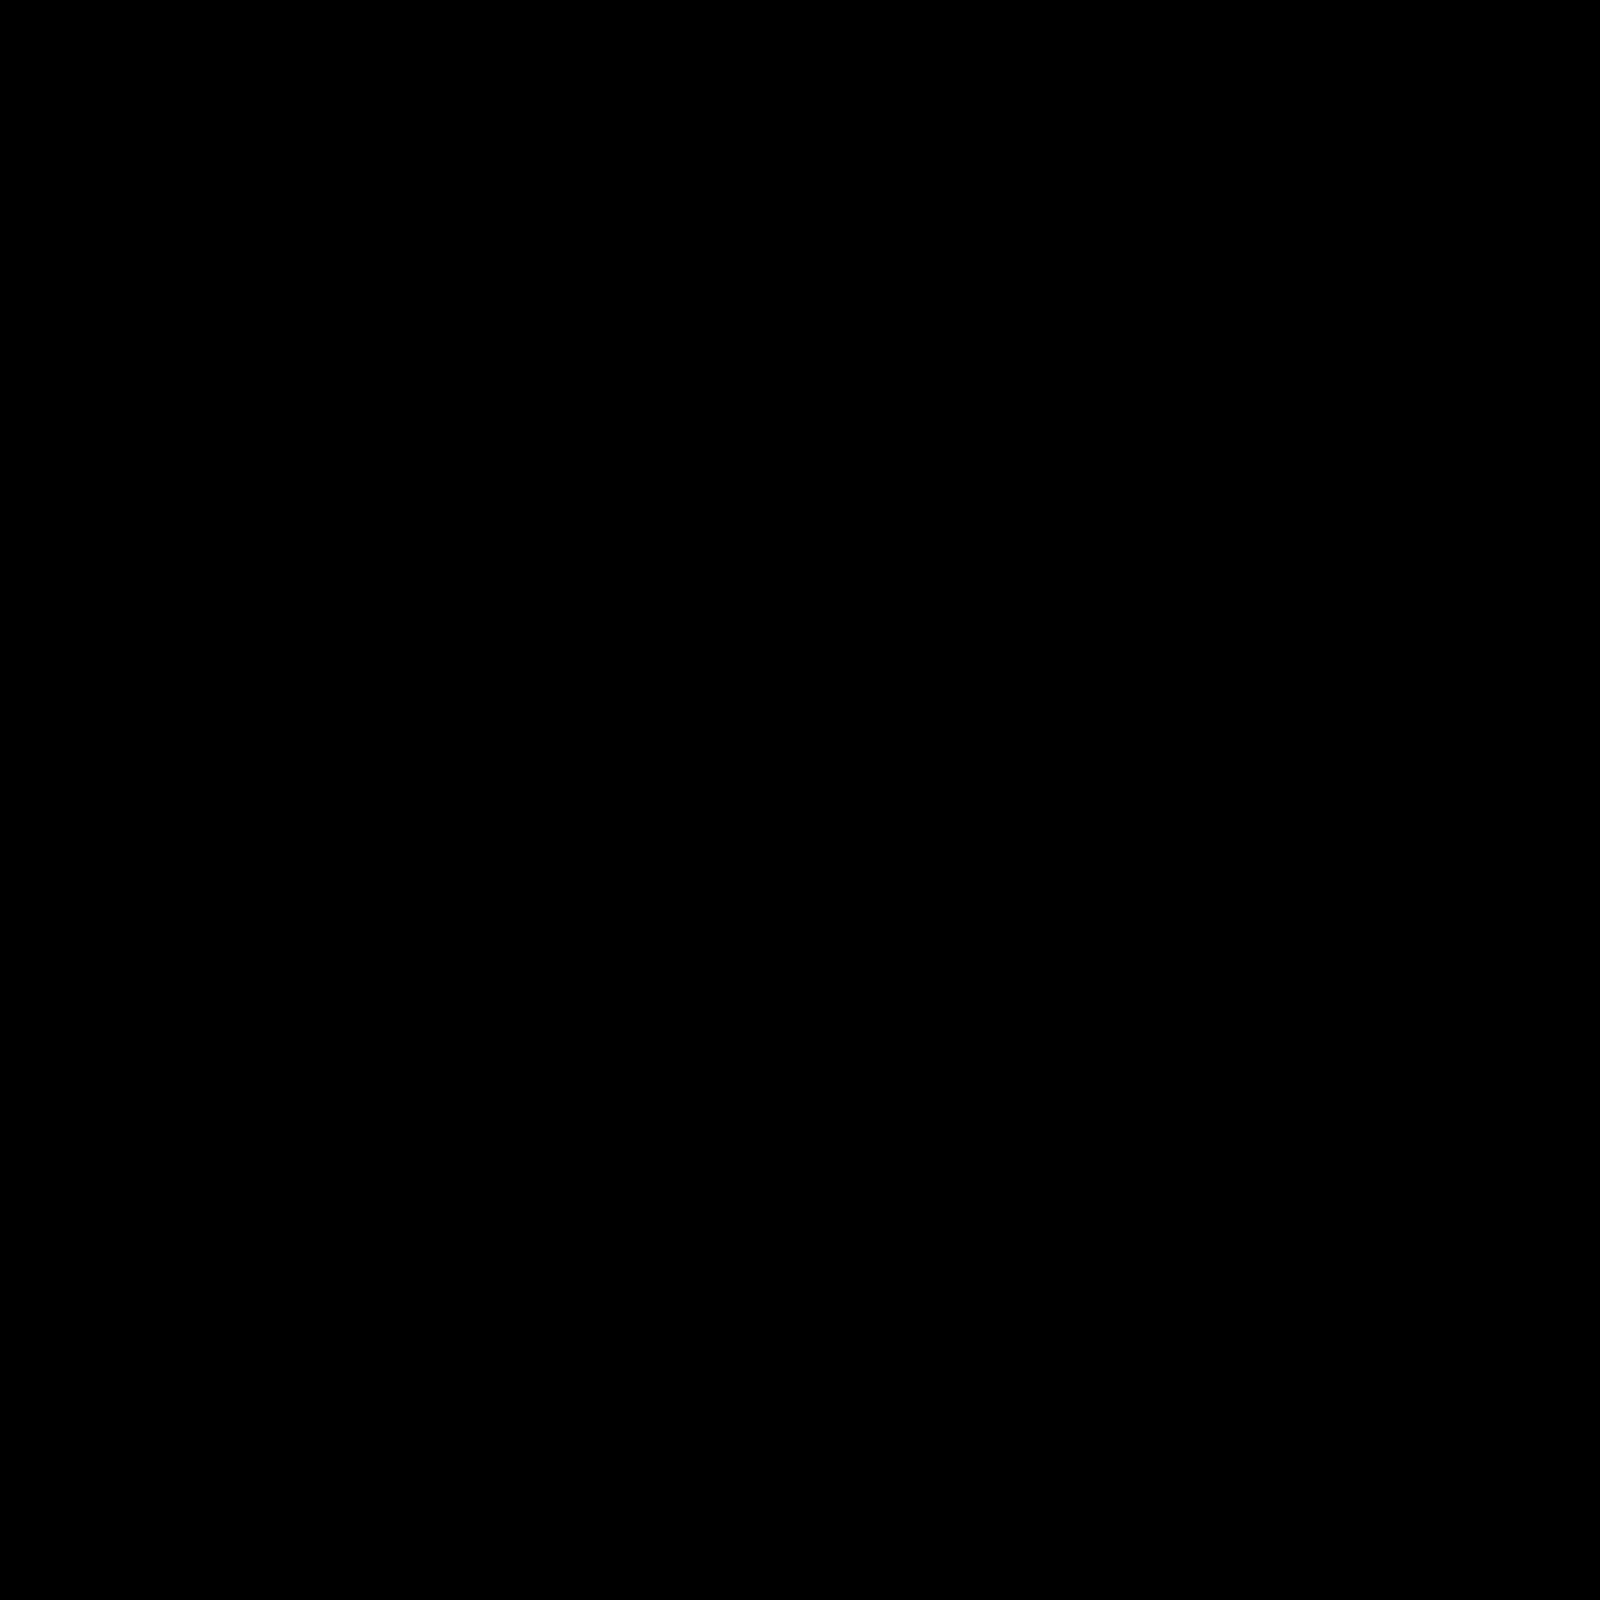 Delete Key Filled icon